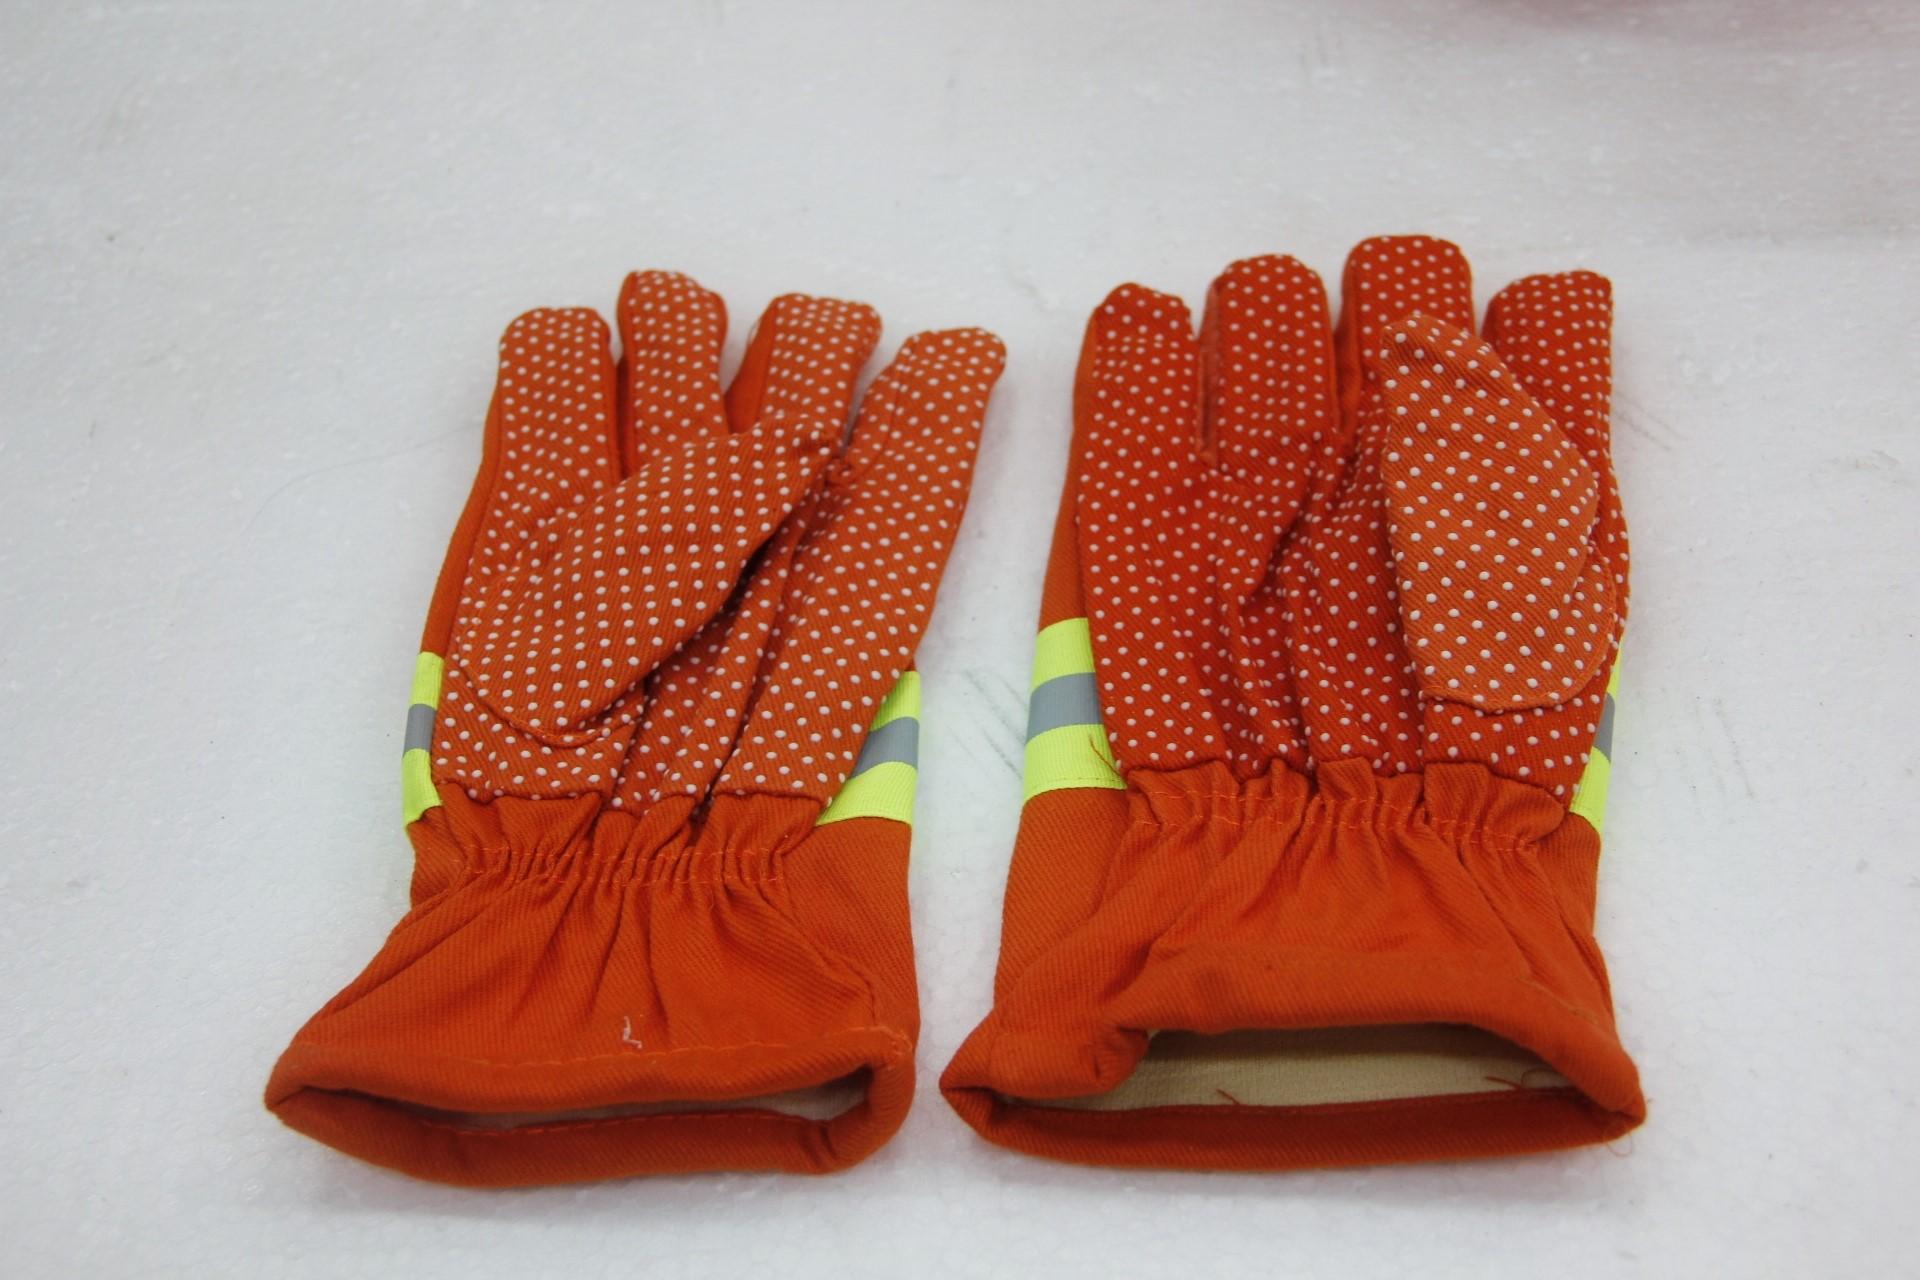 消防专用,97式消防手套专用,隔热专用,消防专用 防滑专用